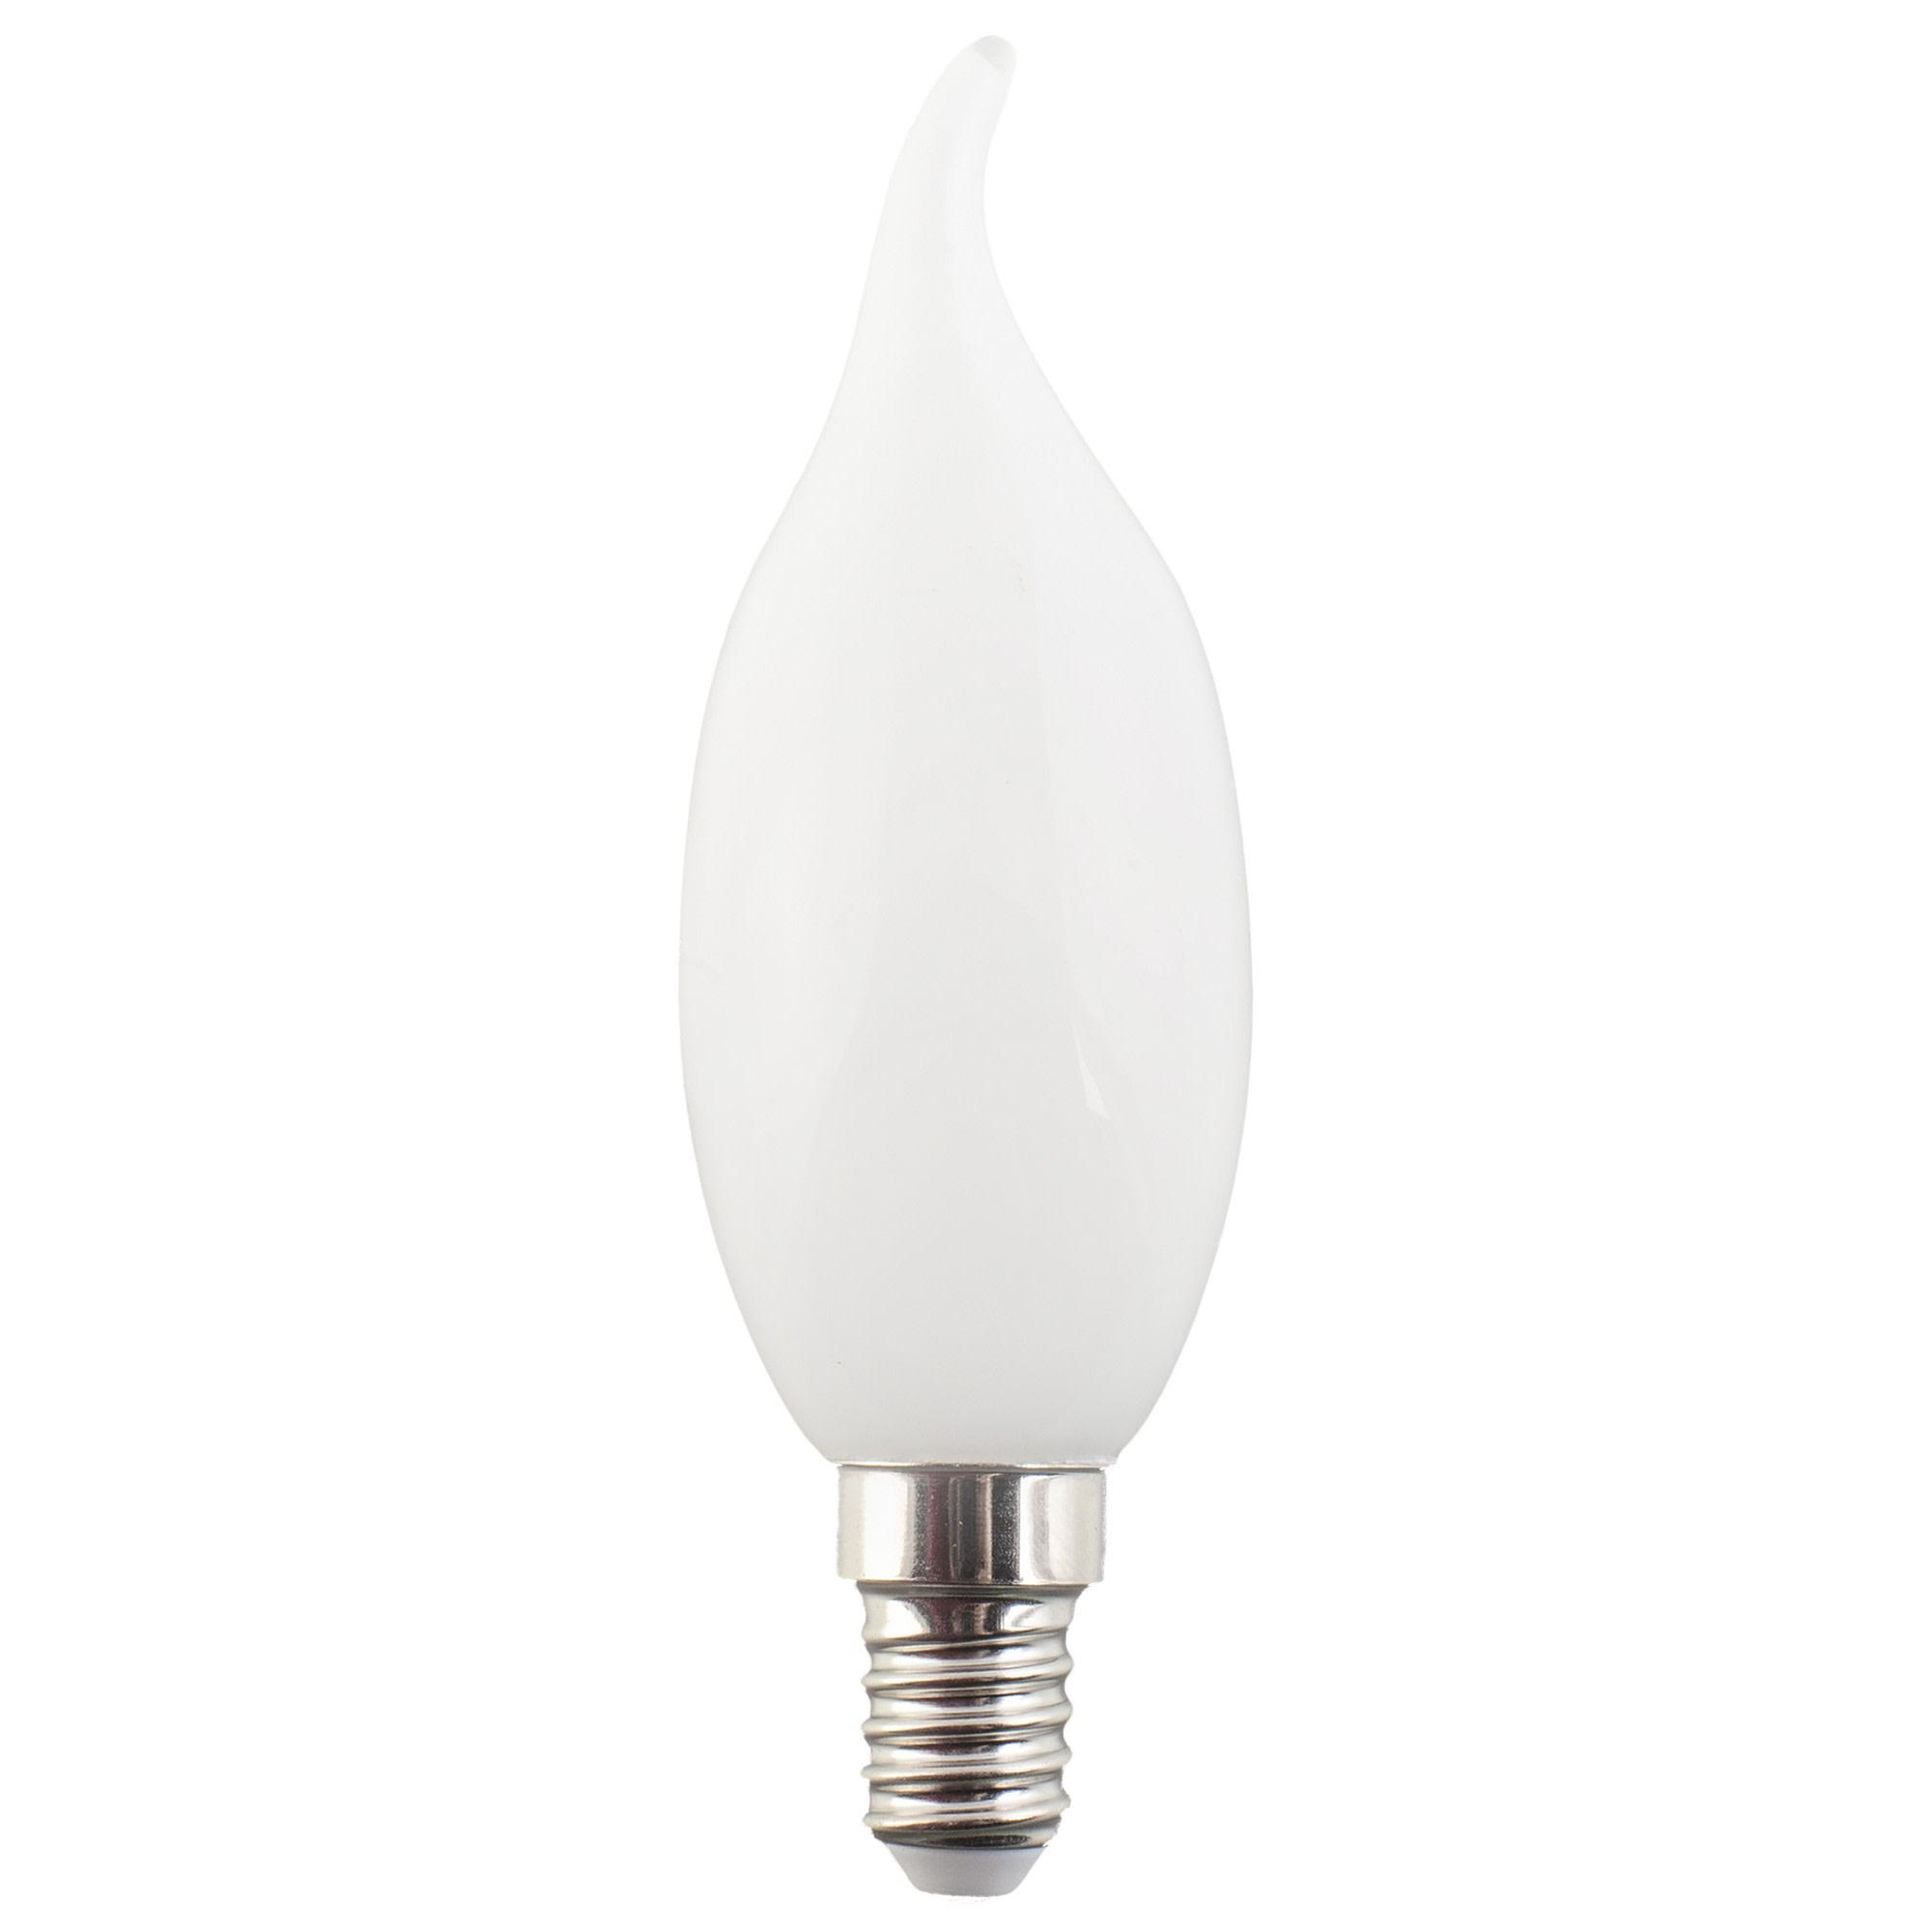 Лампа светодиодная GL Lexman свеча на ветру E14 5 Вт 470 Лм свет нейтральный белый